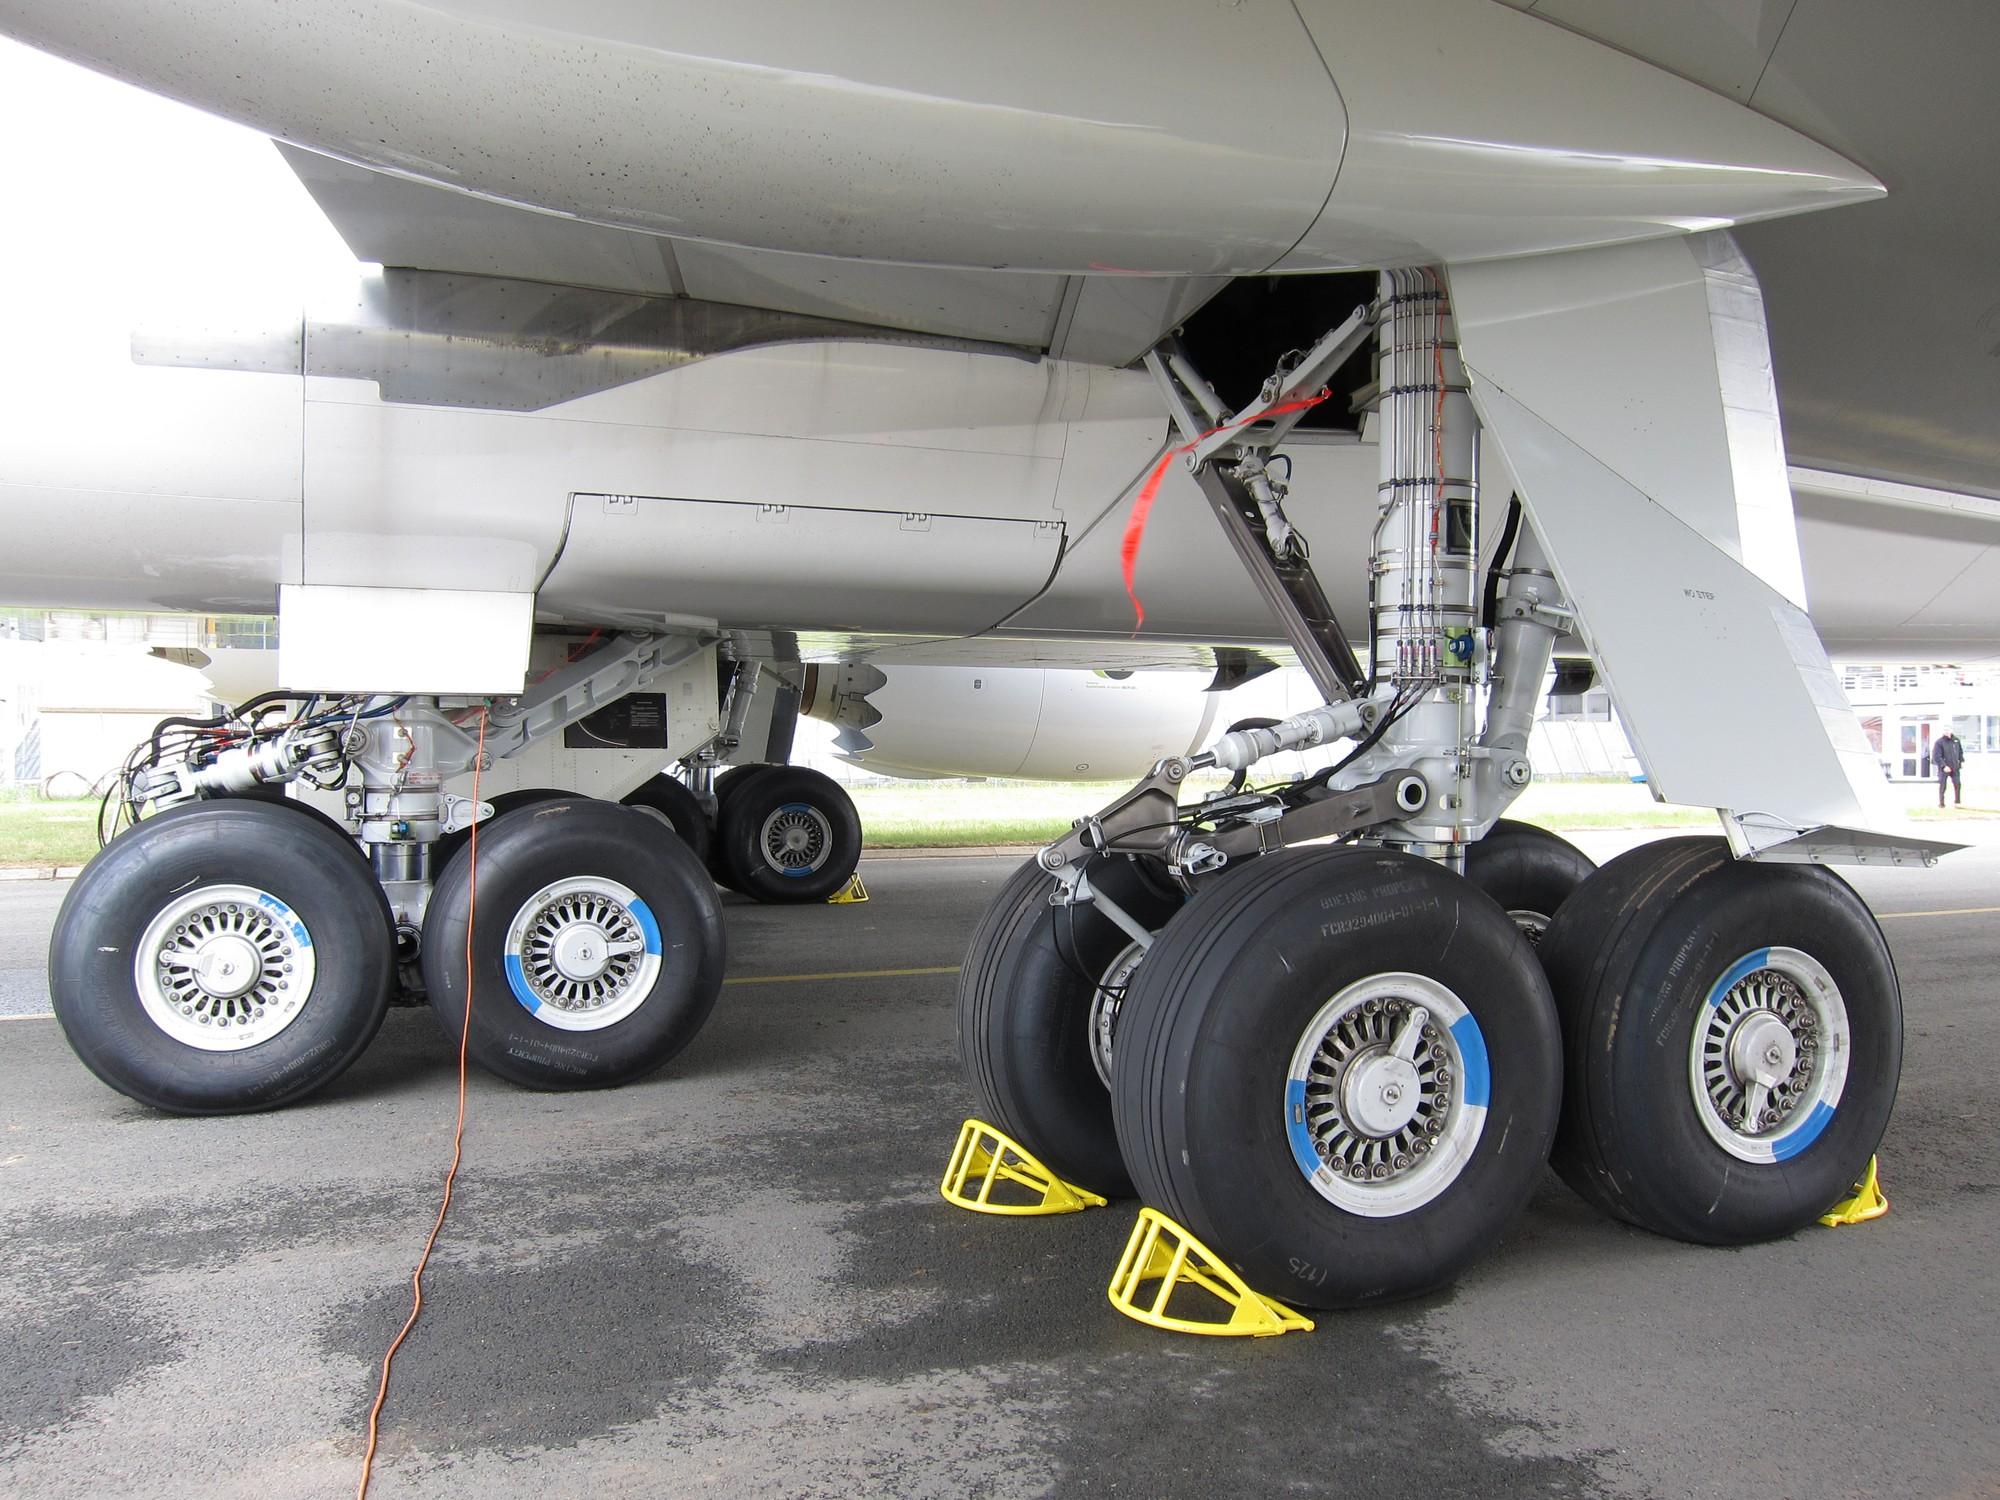 Máy bay không bay theo đường thẳng bao giờ - tưởng dễ mà mấy ai biết được nguyên do - Ảnh 4.